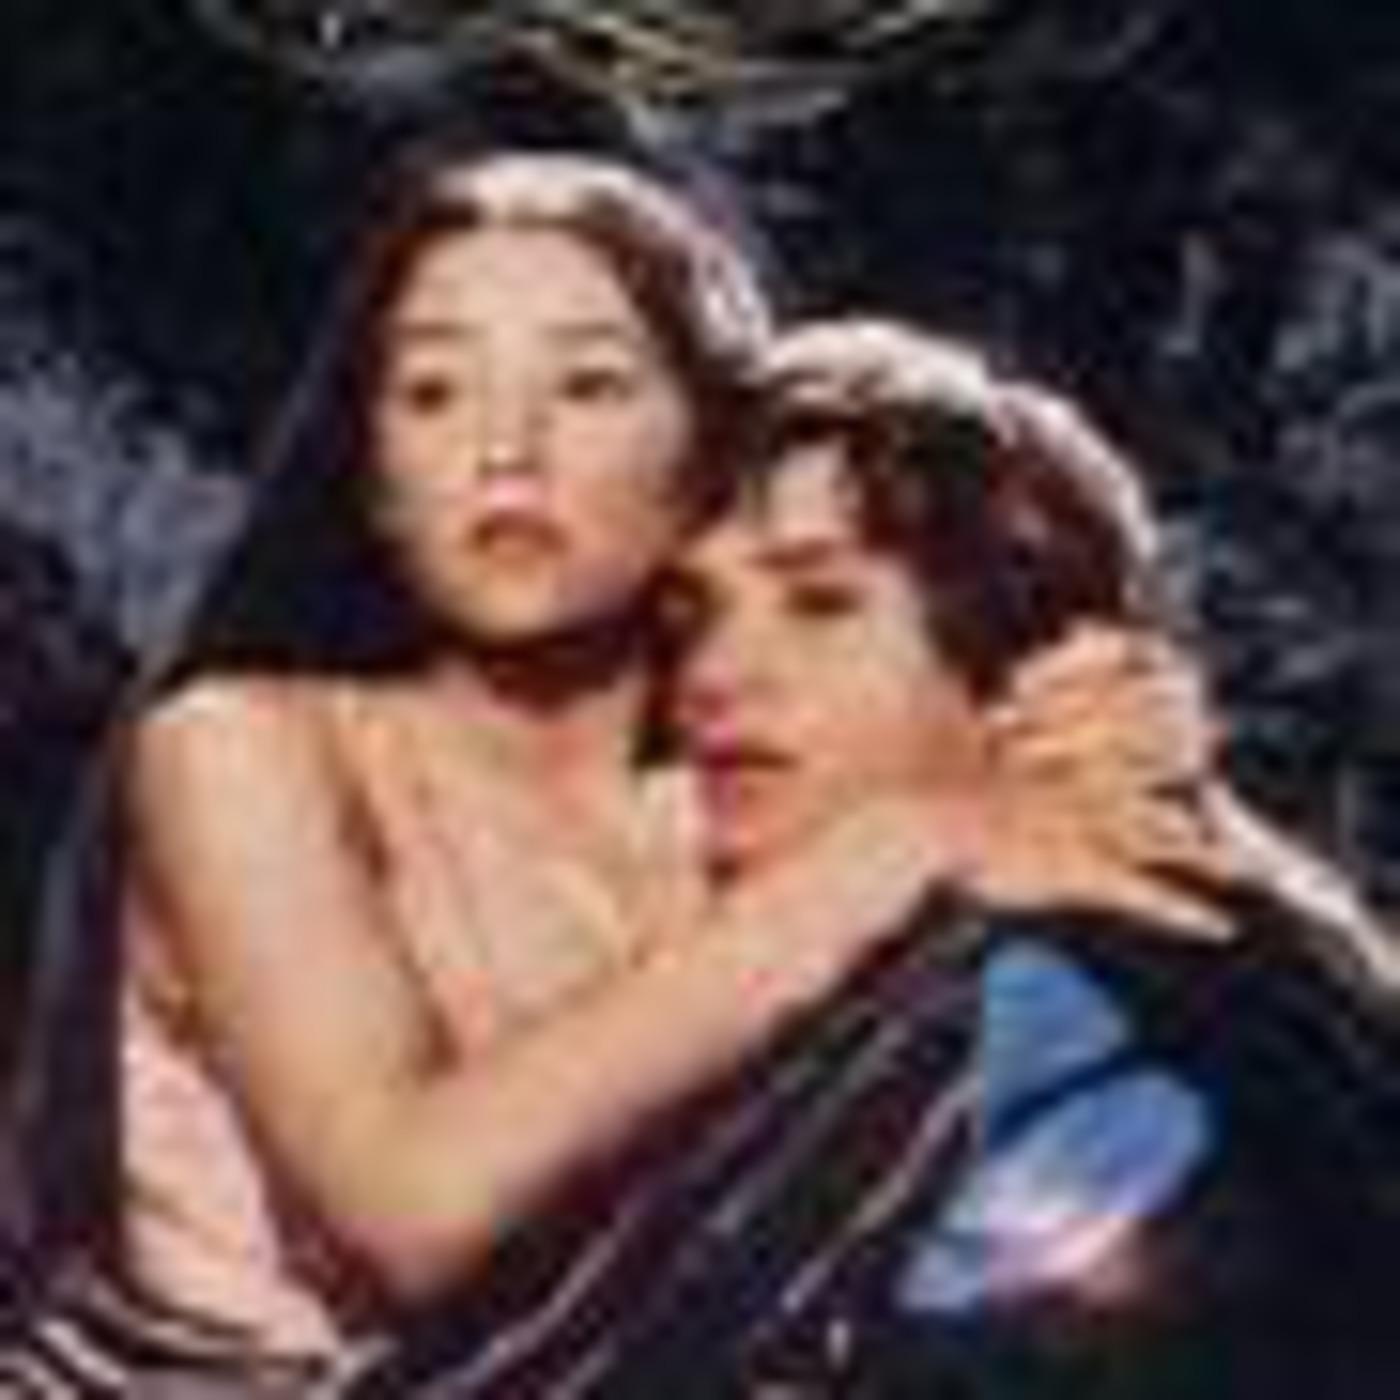 Ромео джульетта смотреть онлайн 15 фотография